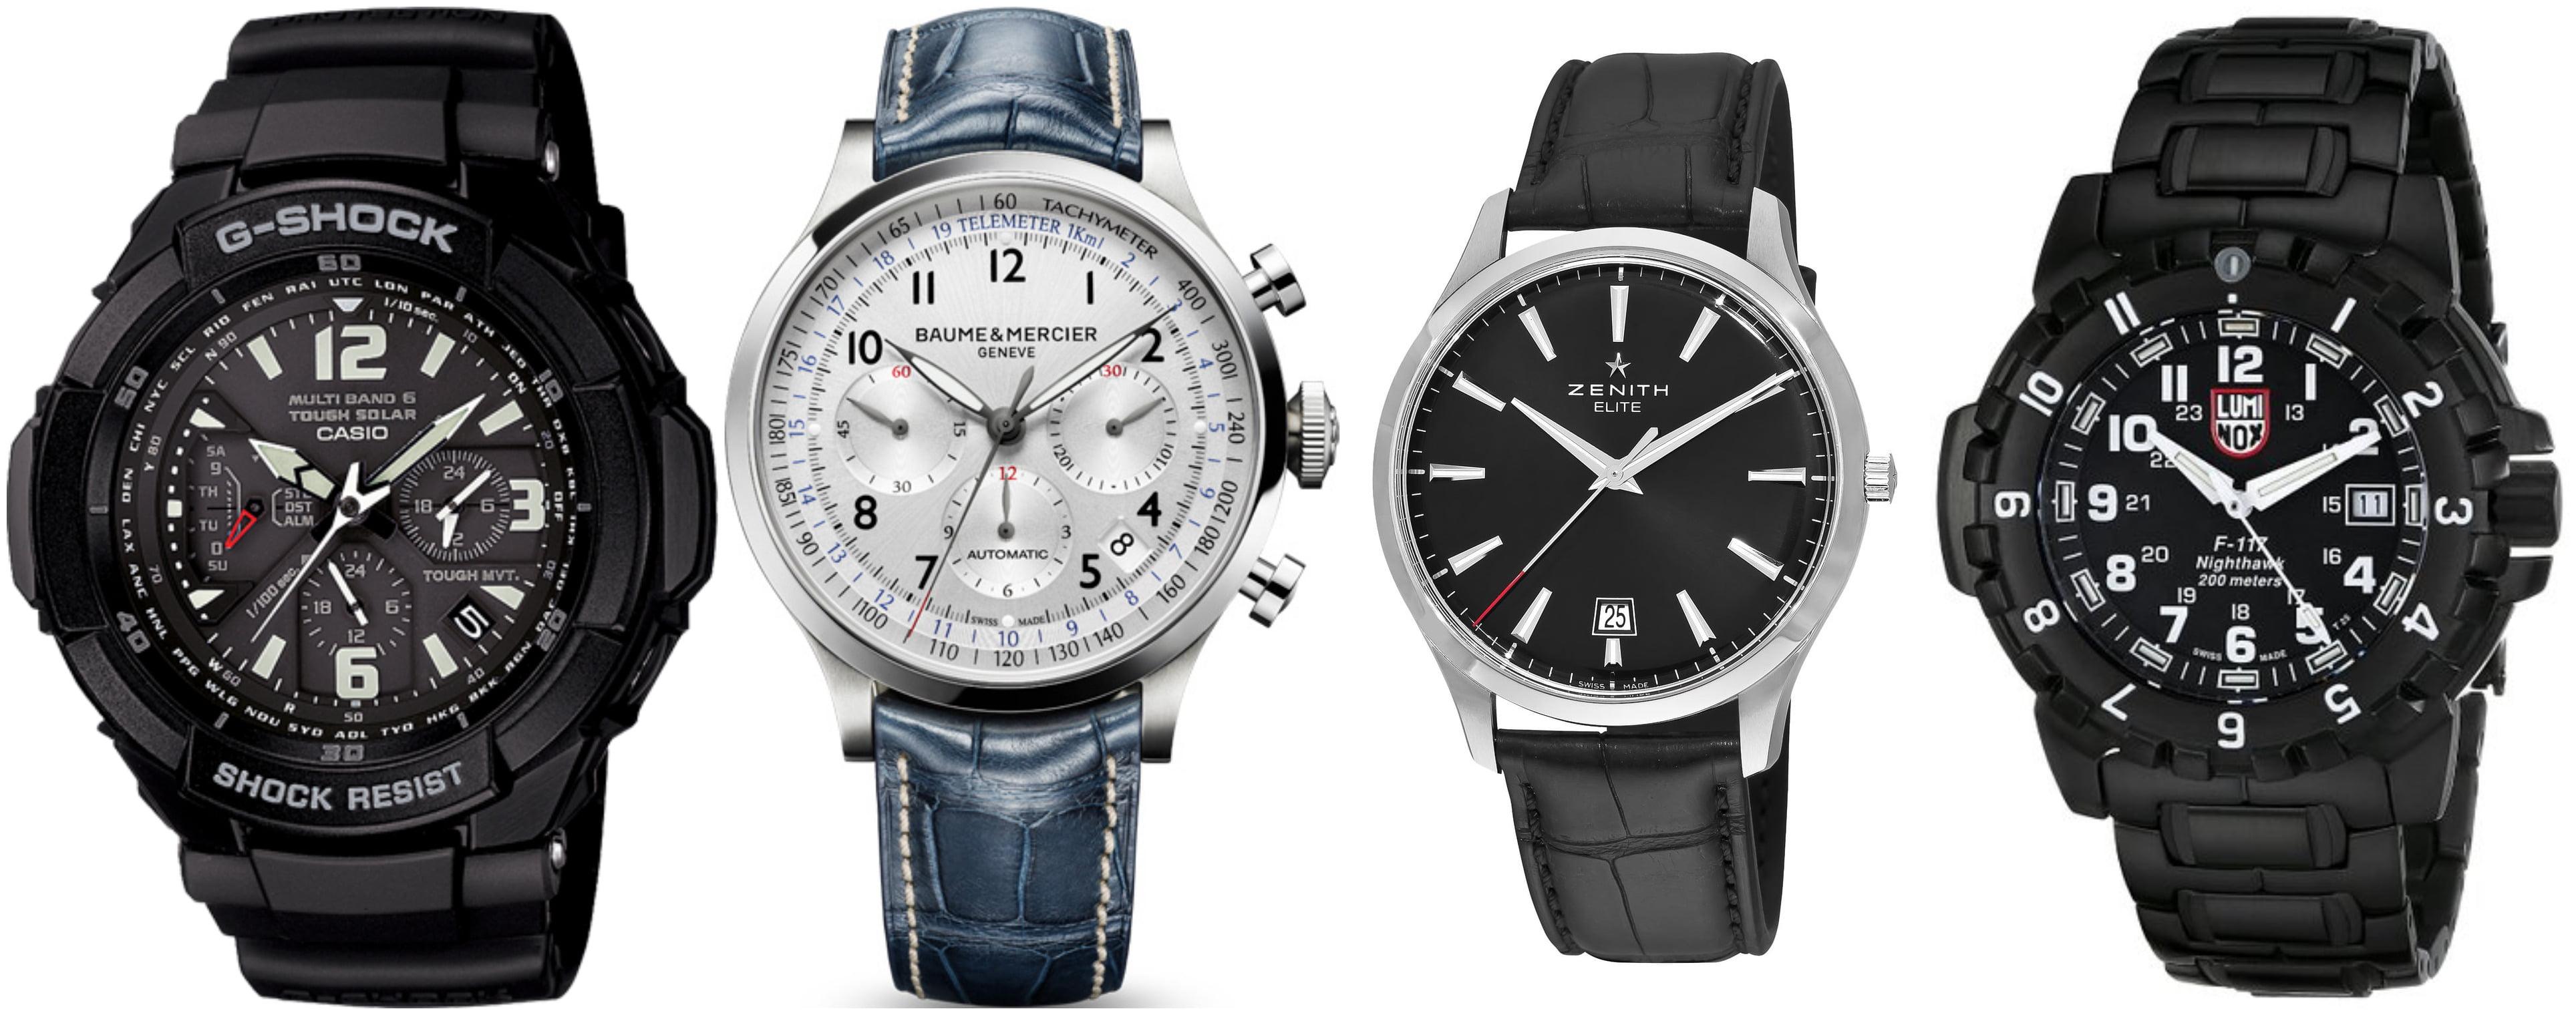 Good Watch Brands For Men >> Top Watch Brands For Men Top 10 Brands Watches Wmm